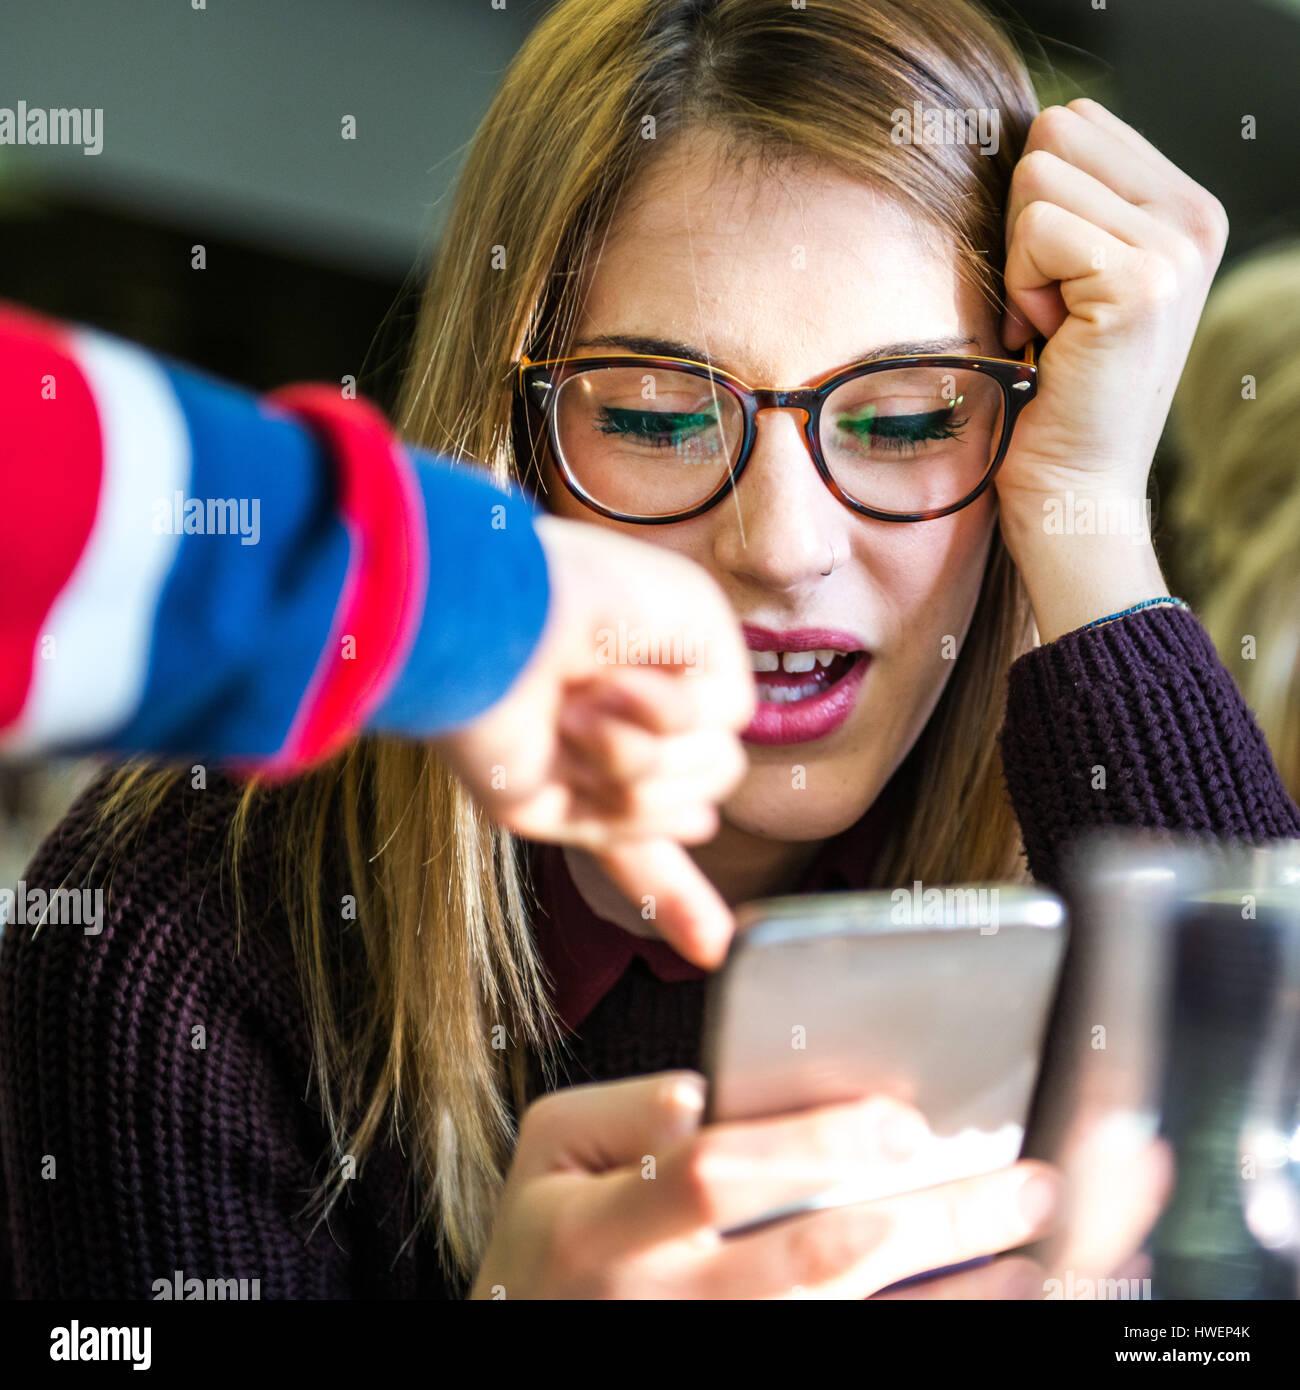 Junge Frau mit der Hand des jungen auf Smartphone im café Stockbild